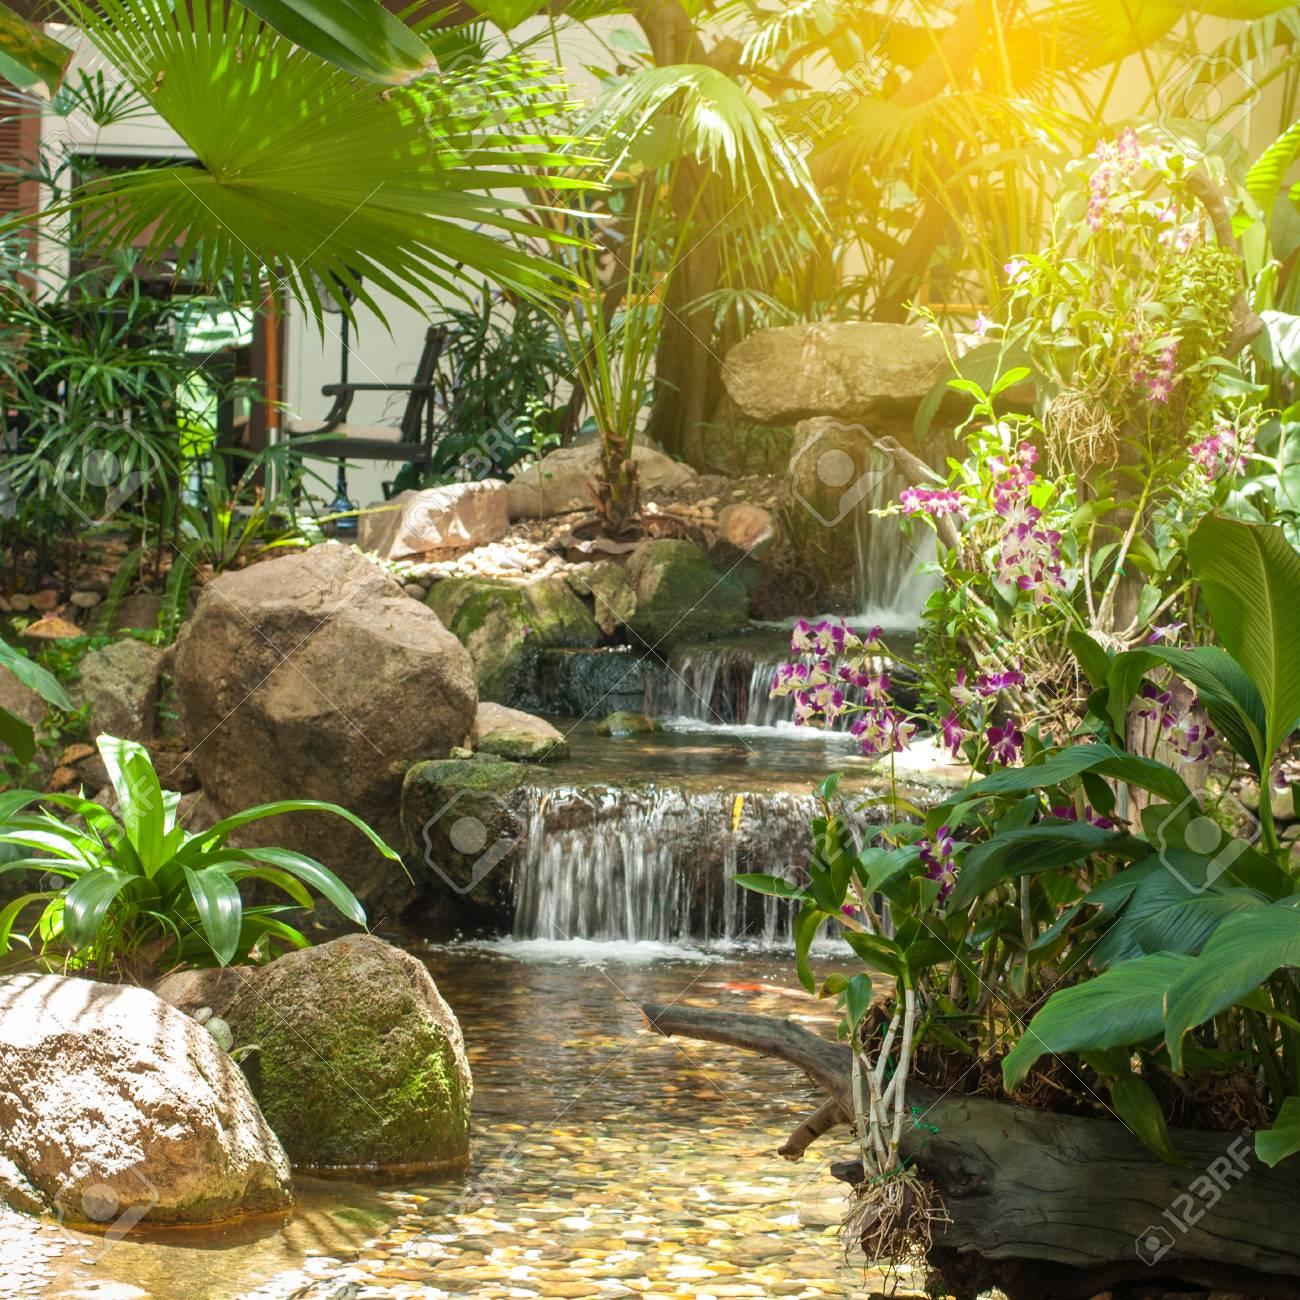 Schöne Kleine Wasser Fallen Und Orchidee Blumen Mit Grünen Pflanze ...